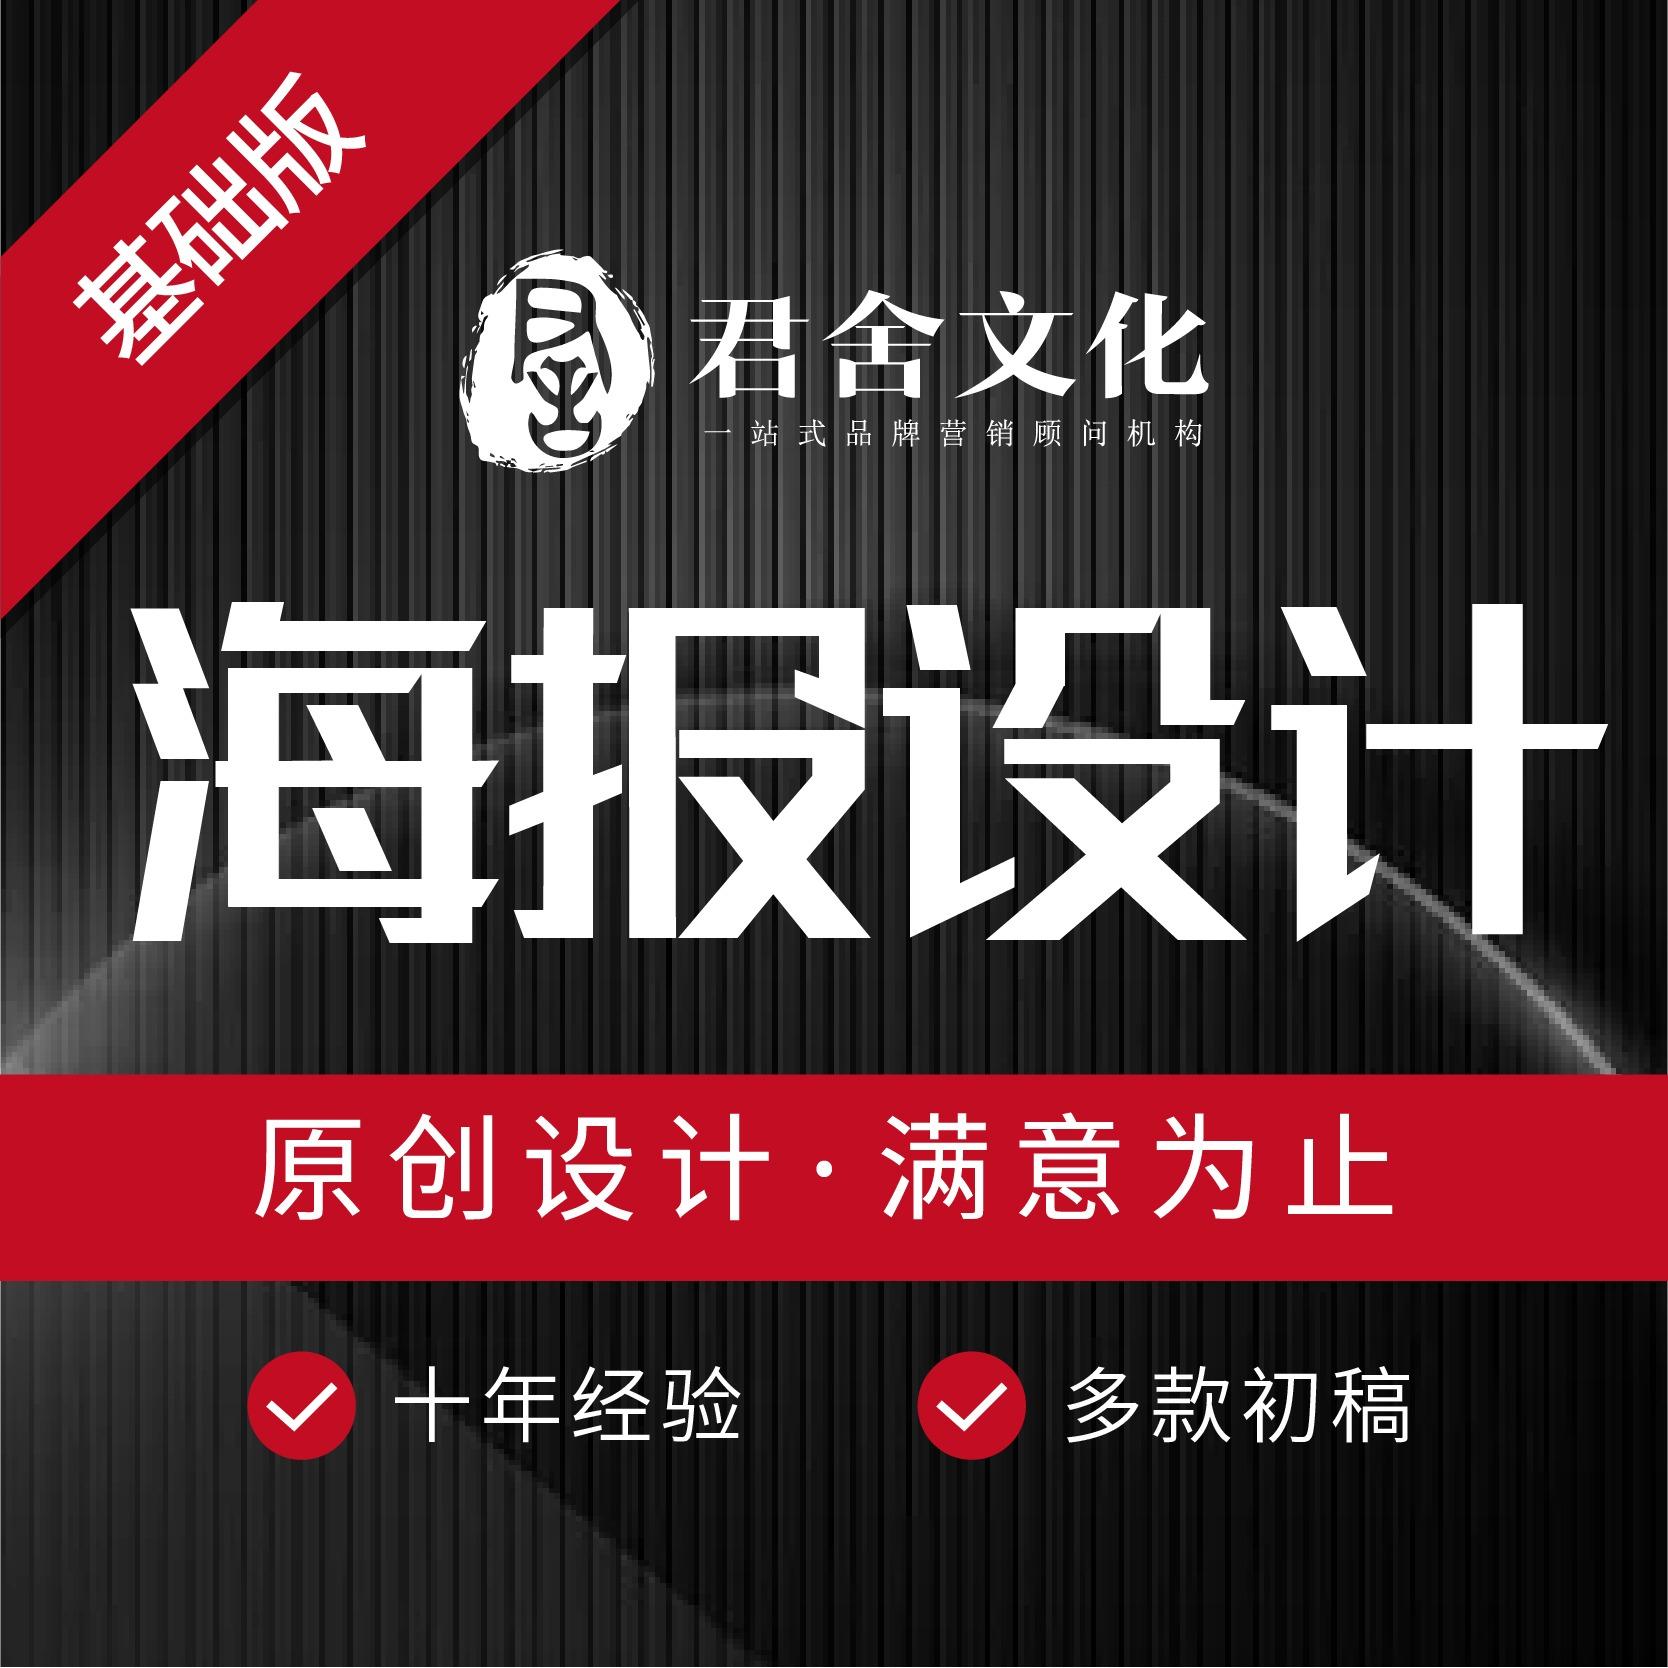 海报设计易拉宝设计广告设计展架设计活动促销宣传海报企业